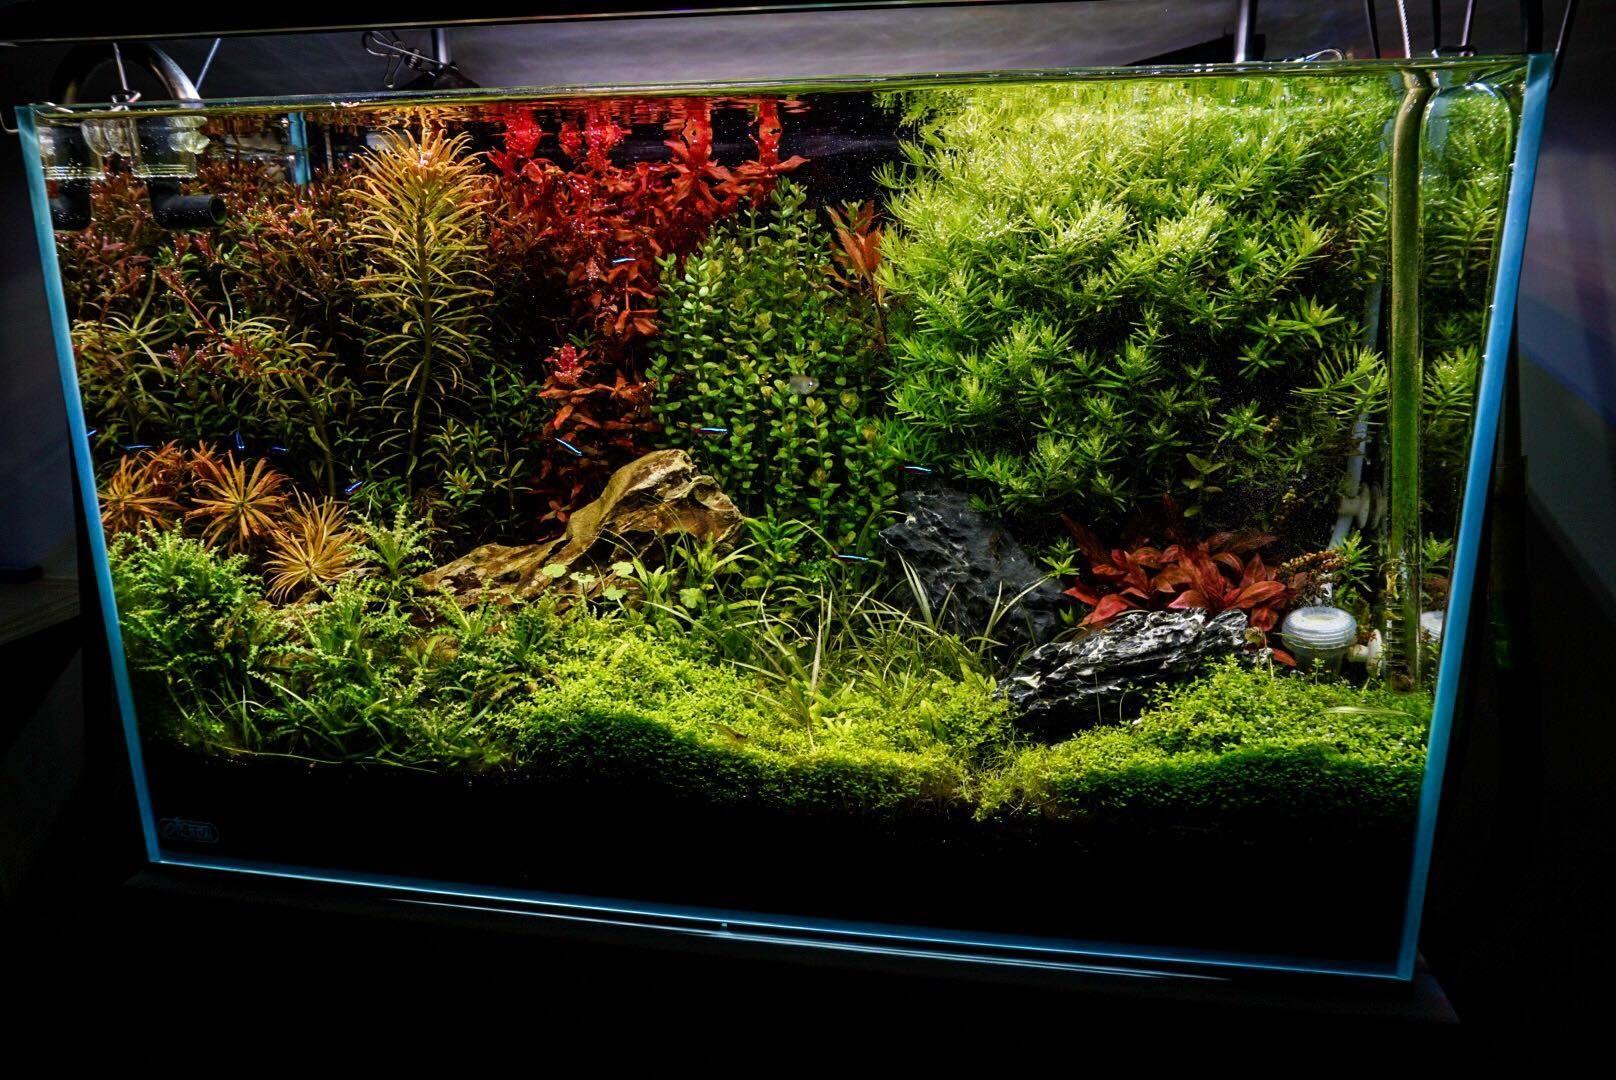 張博修 i am from taiwan and i want to share my aquatic garden